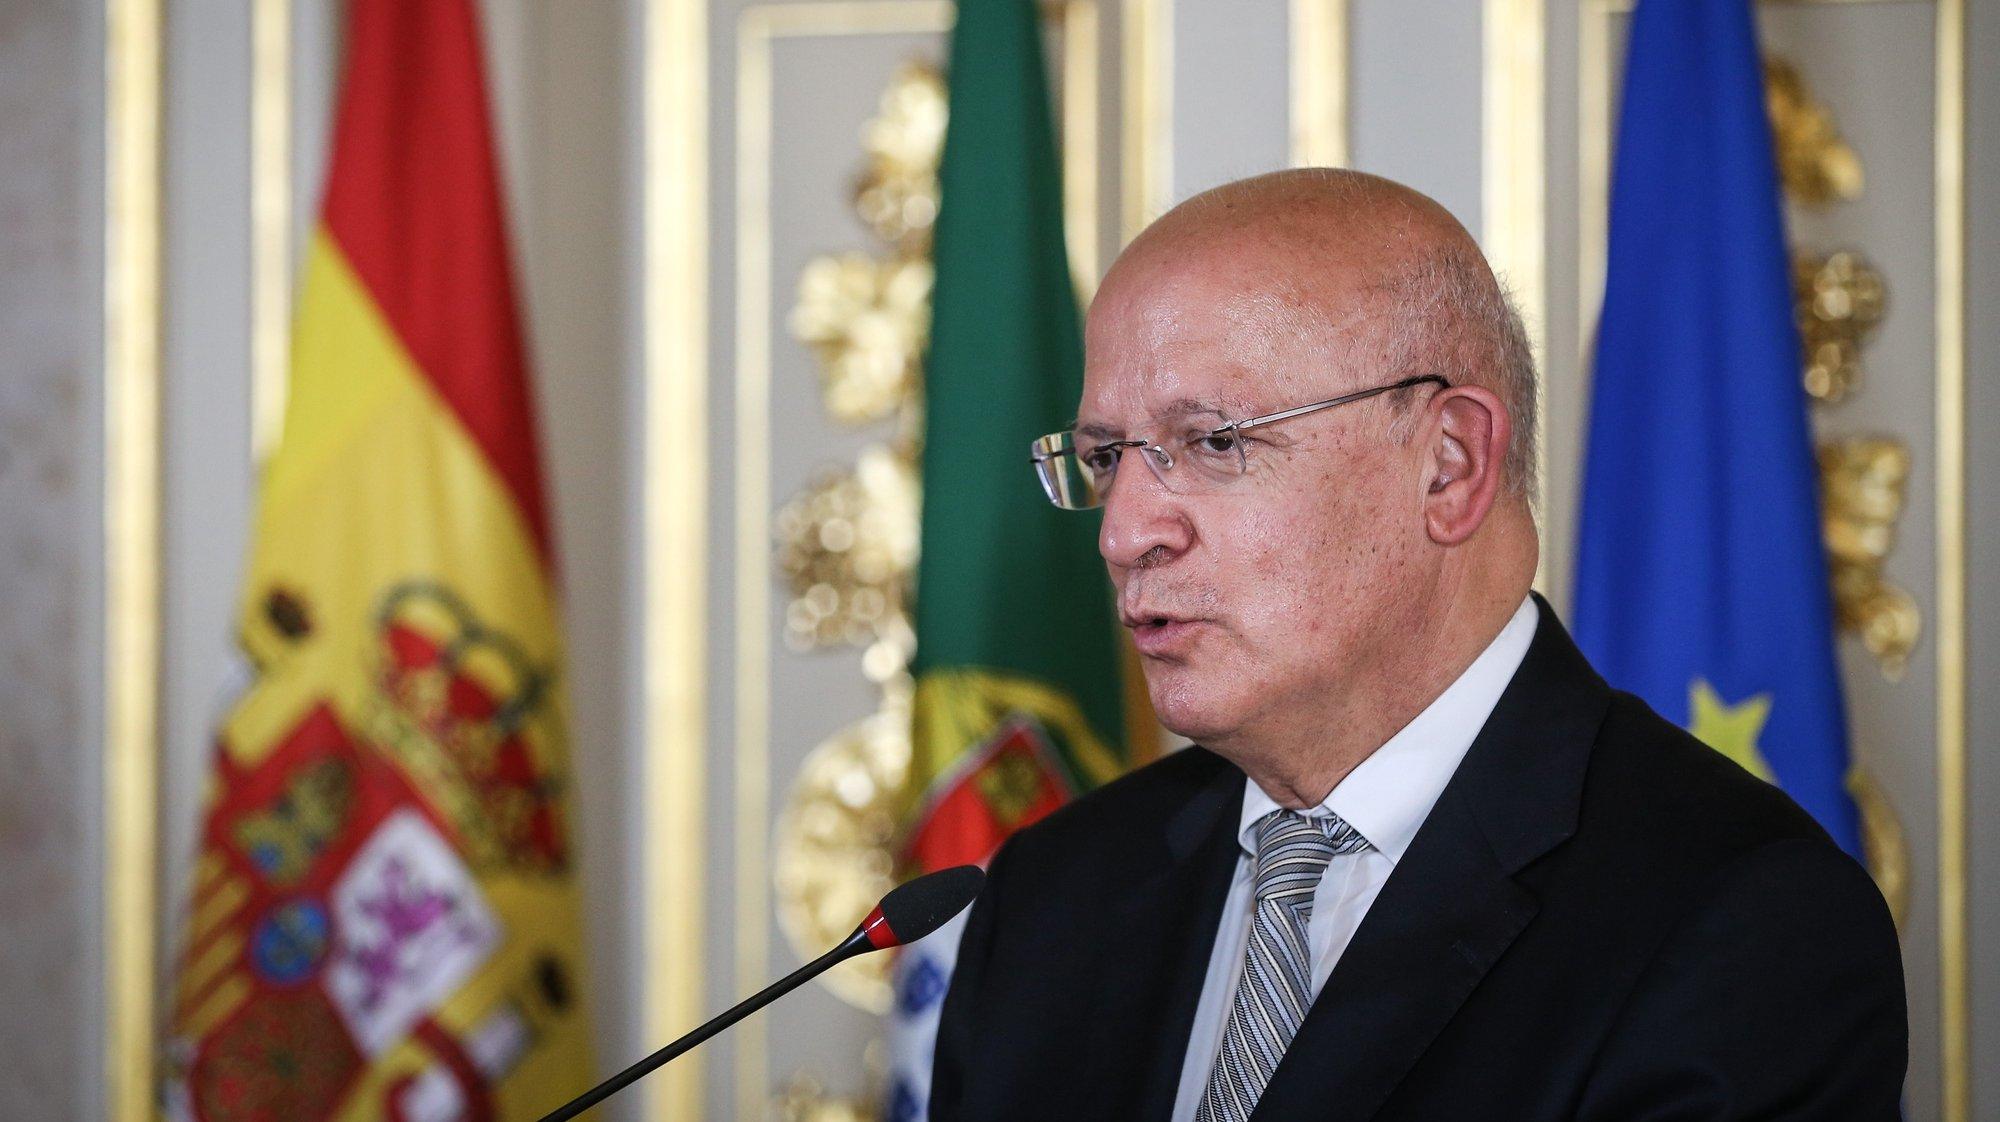 O ministro de Estado e dos Negócios Estrangeiros, Augusto Santos Silva, acompanhado pelo seu homólogo de Espanha, José Manuel Albares (ausente da foto), intervém numa conferencia de imprensa após uma reunião de trabalho onde foram abordados tópicos das relações bilaterais, nomeadamente o início da preparação da próxima Cimeira Luso-Espanhola, bem como a coordenação em matéria de Covid-19, a recuperação económica europeia e temas da agenda internacional, como a situação na Venezuela, em Moçambique ou no Sahel, em Lisboa, 04 de agosto de 2021.  RODRIGO ANTUNES/LUSA